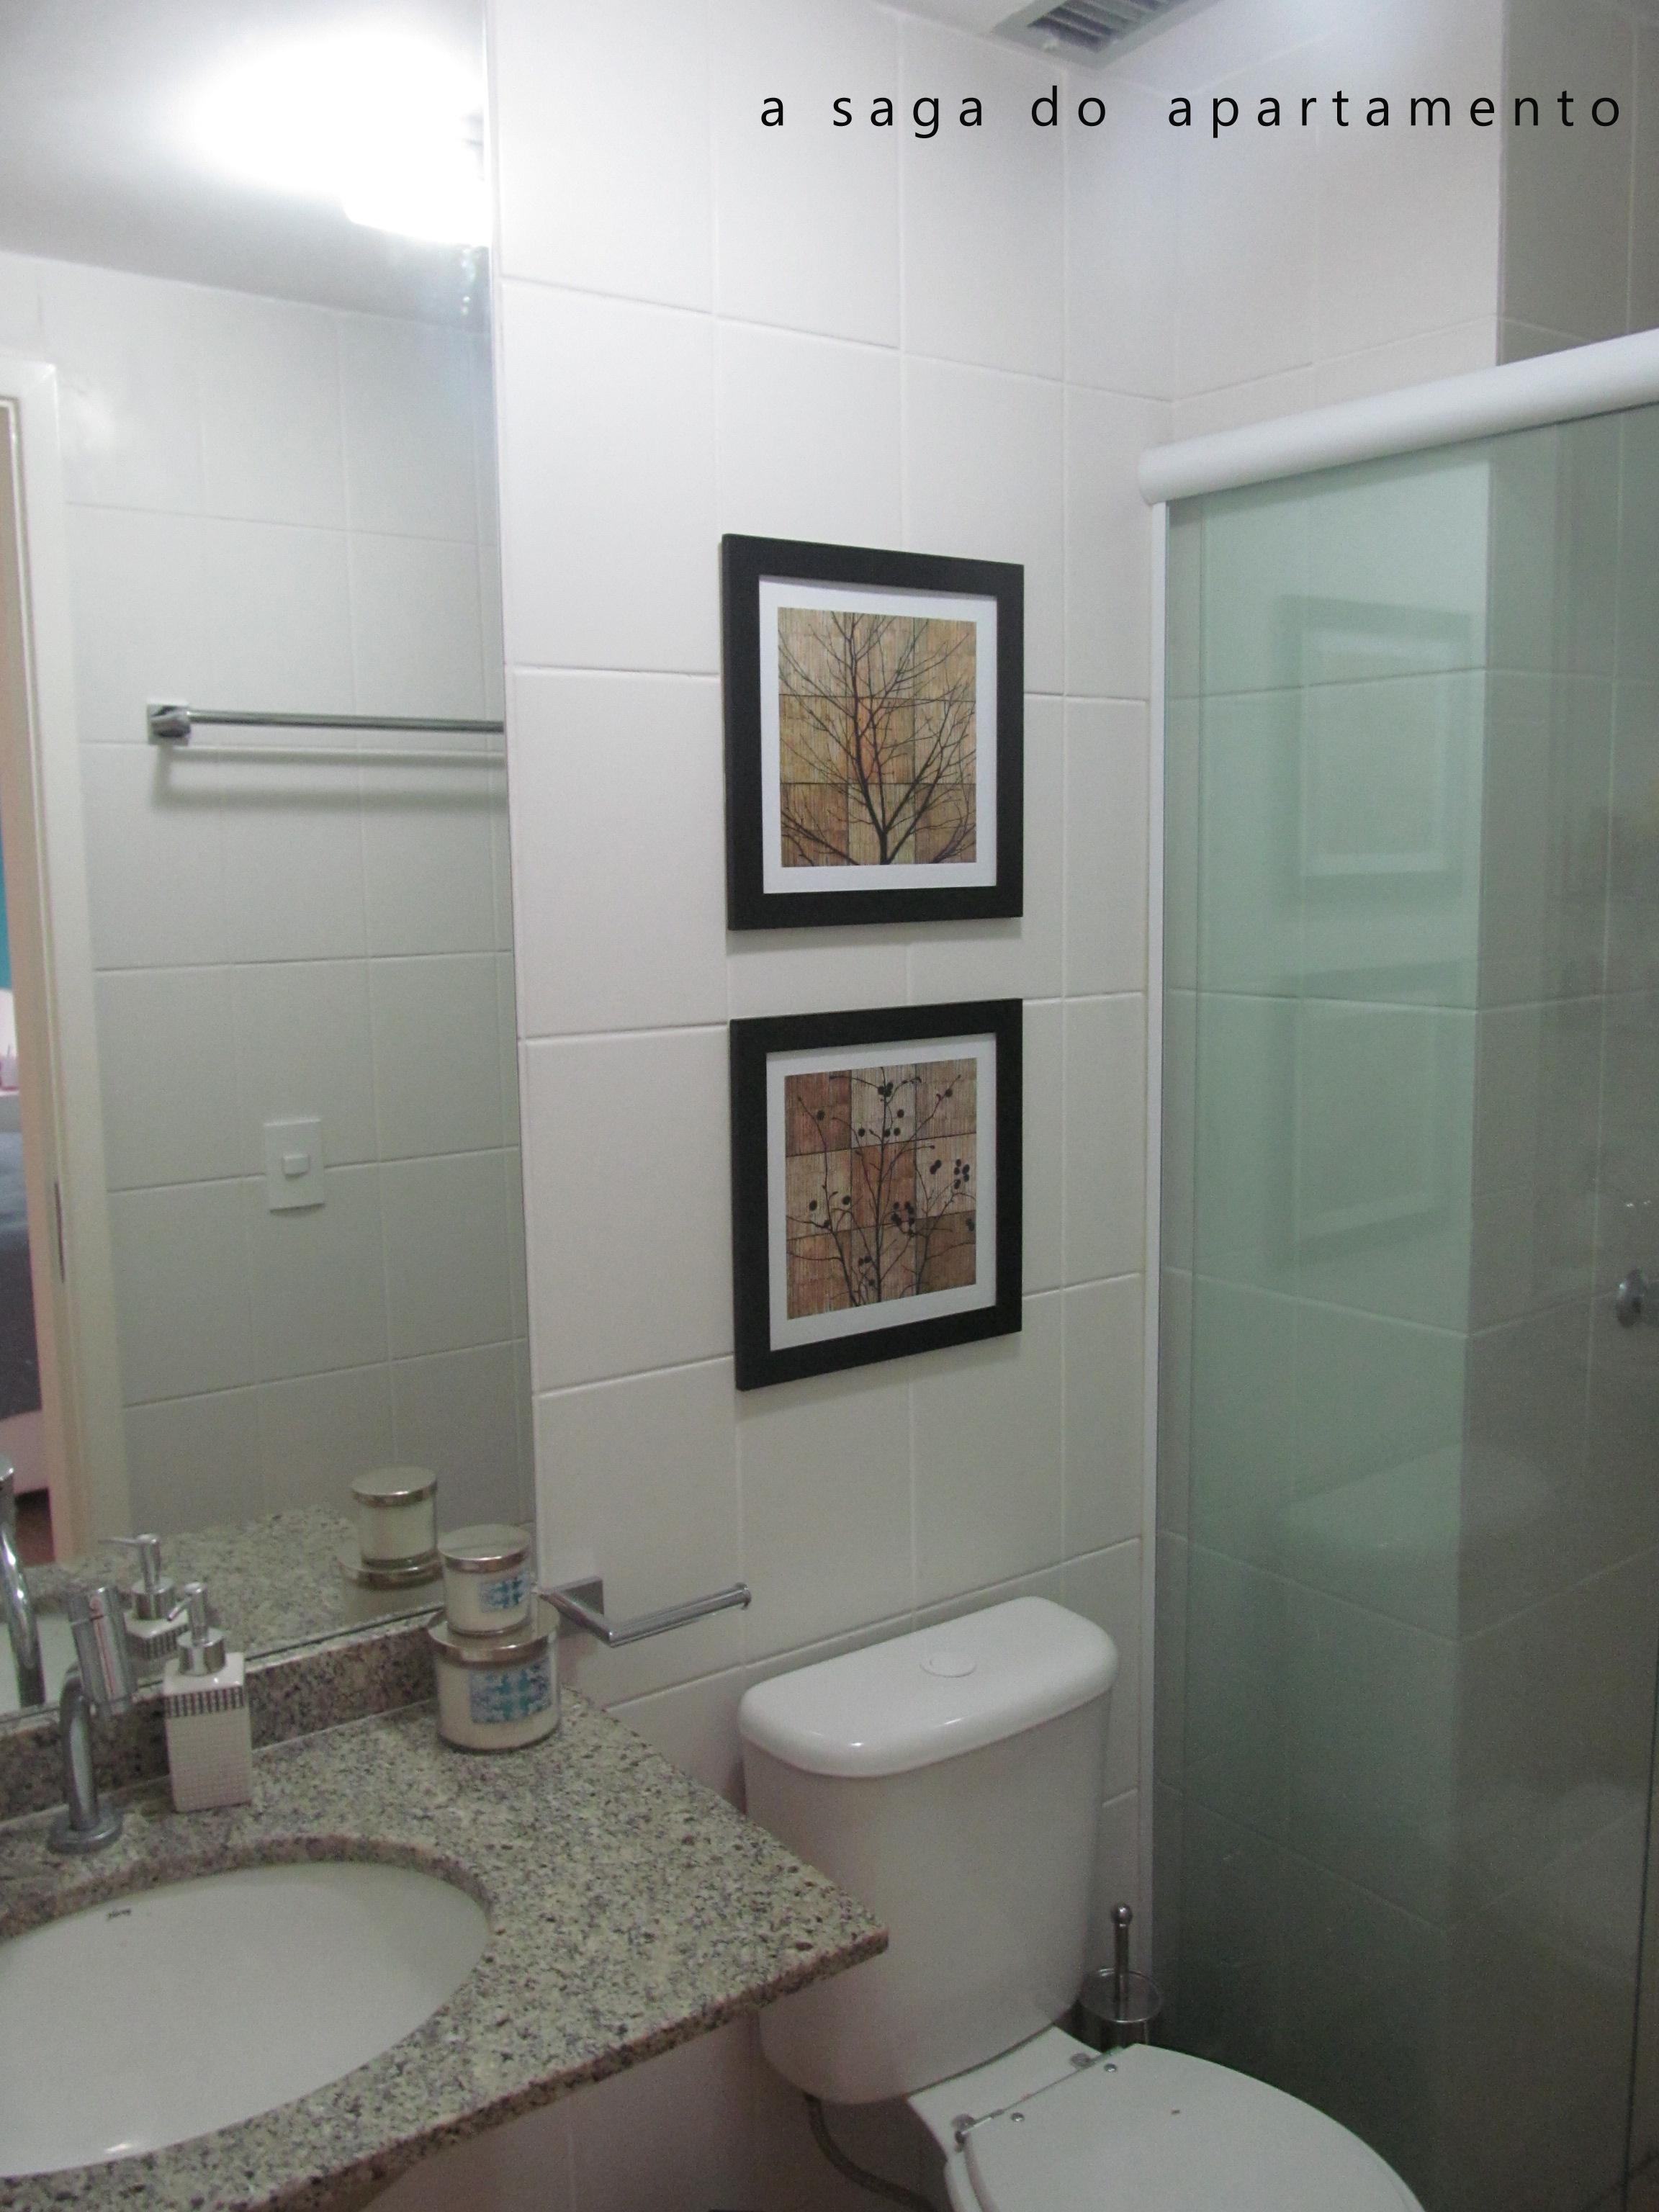 Imagens de #5A4E46 decoracao banheiro quadros:quadros banheiro 2304x3072 px 3692 Banheiros Quadrados Modernos